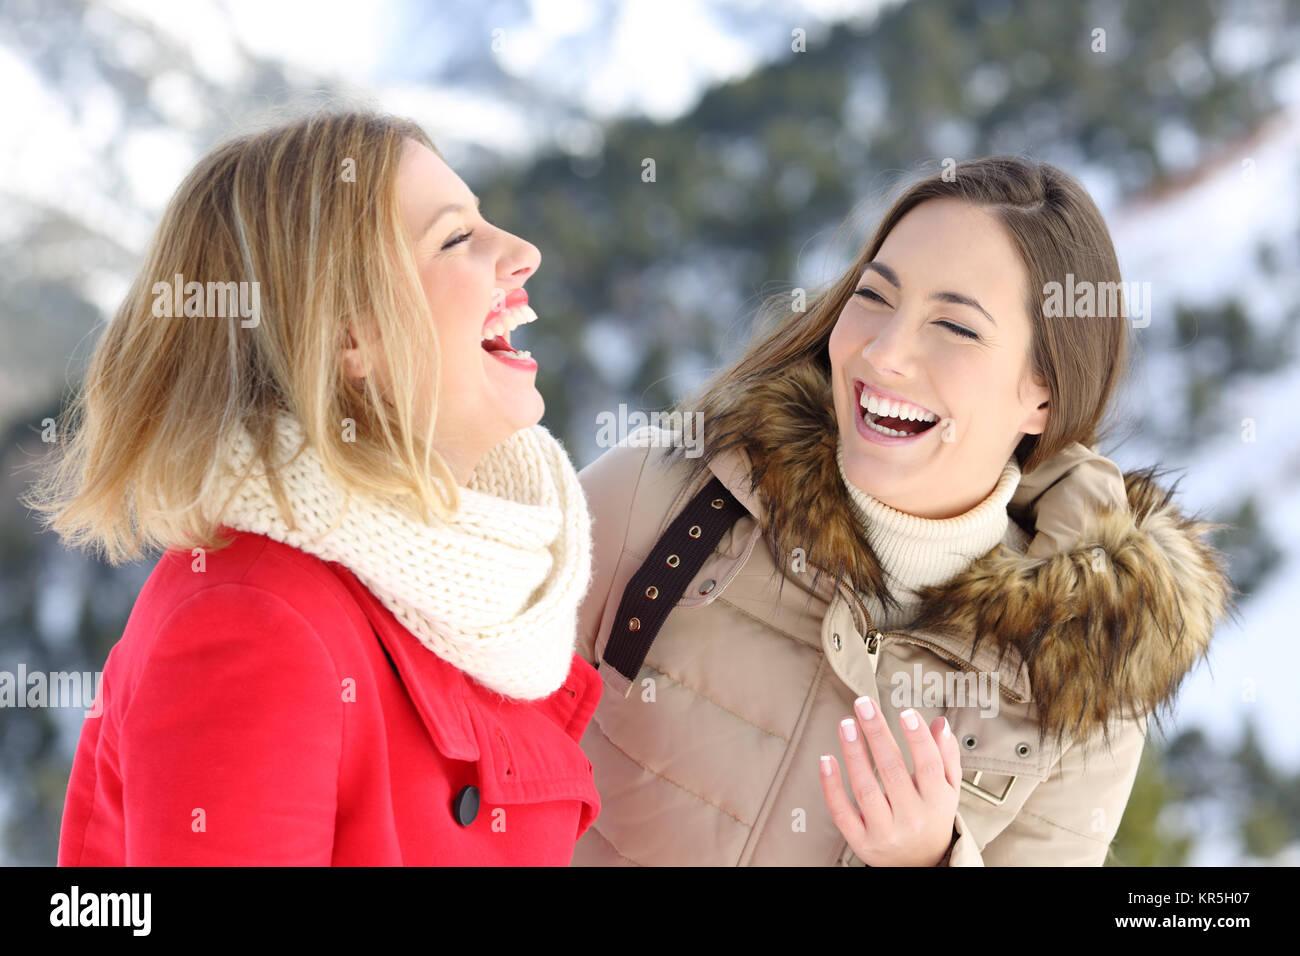 Heureux deux amis qui rient fort profitant de vacances d'hiver dans la montagne enneigée Photo Stock